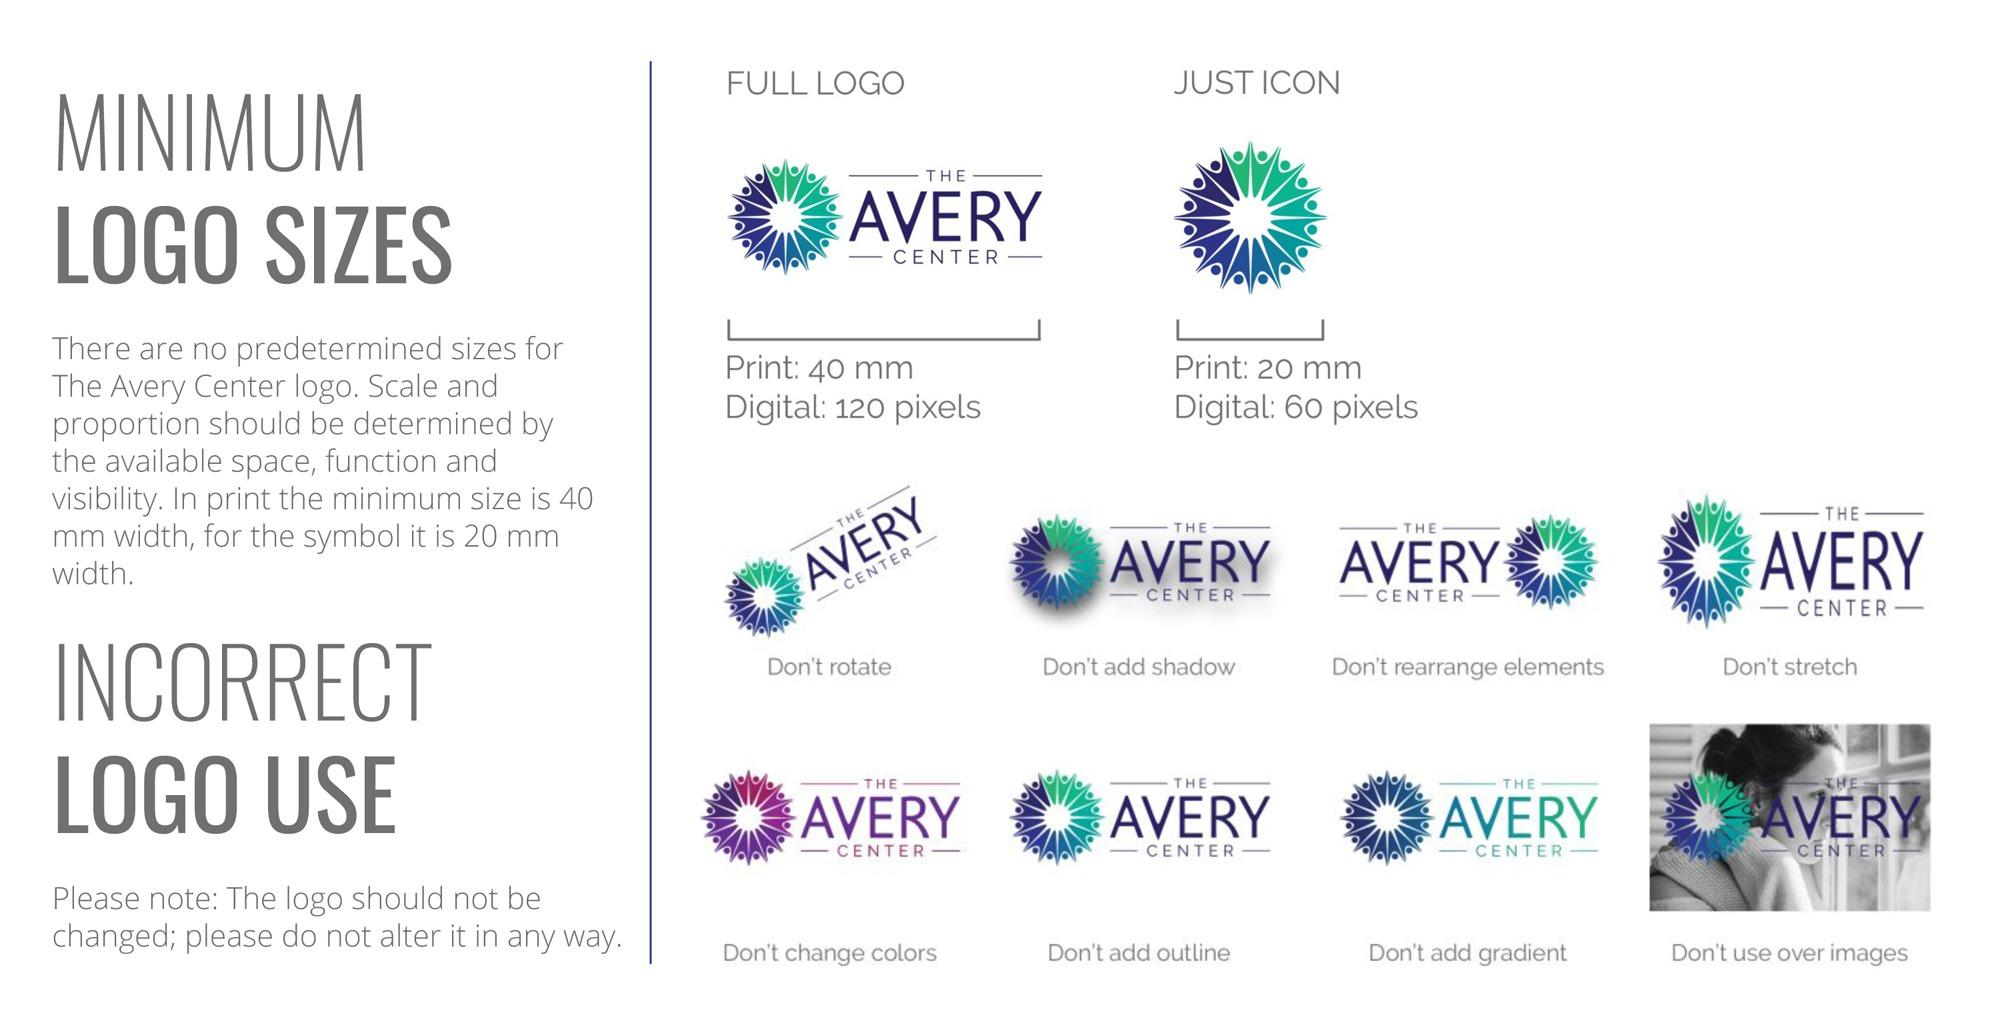 Minimum logo sizes & incorrect logo usage